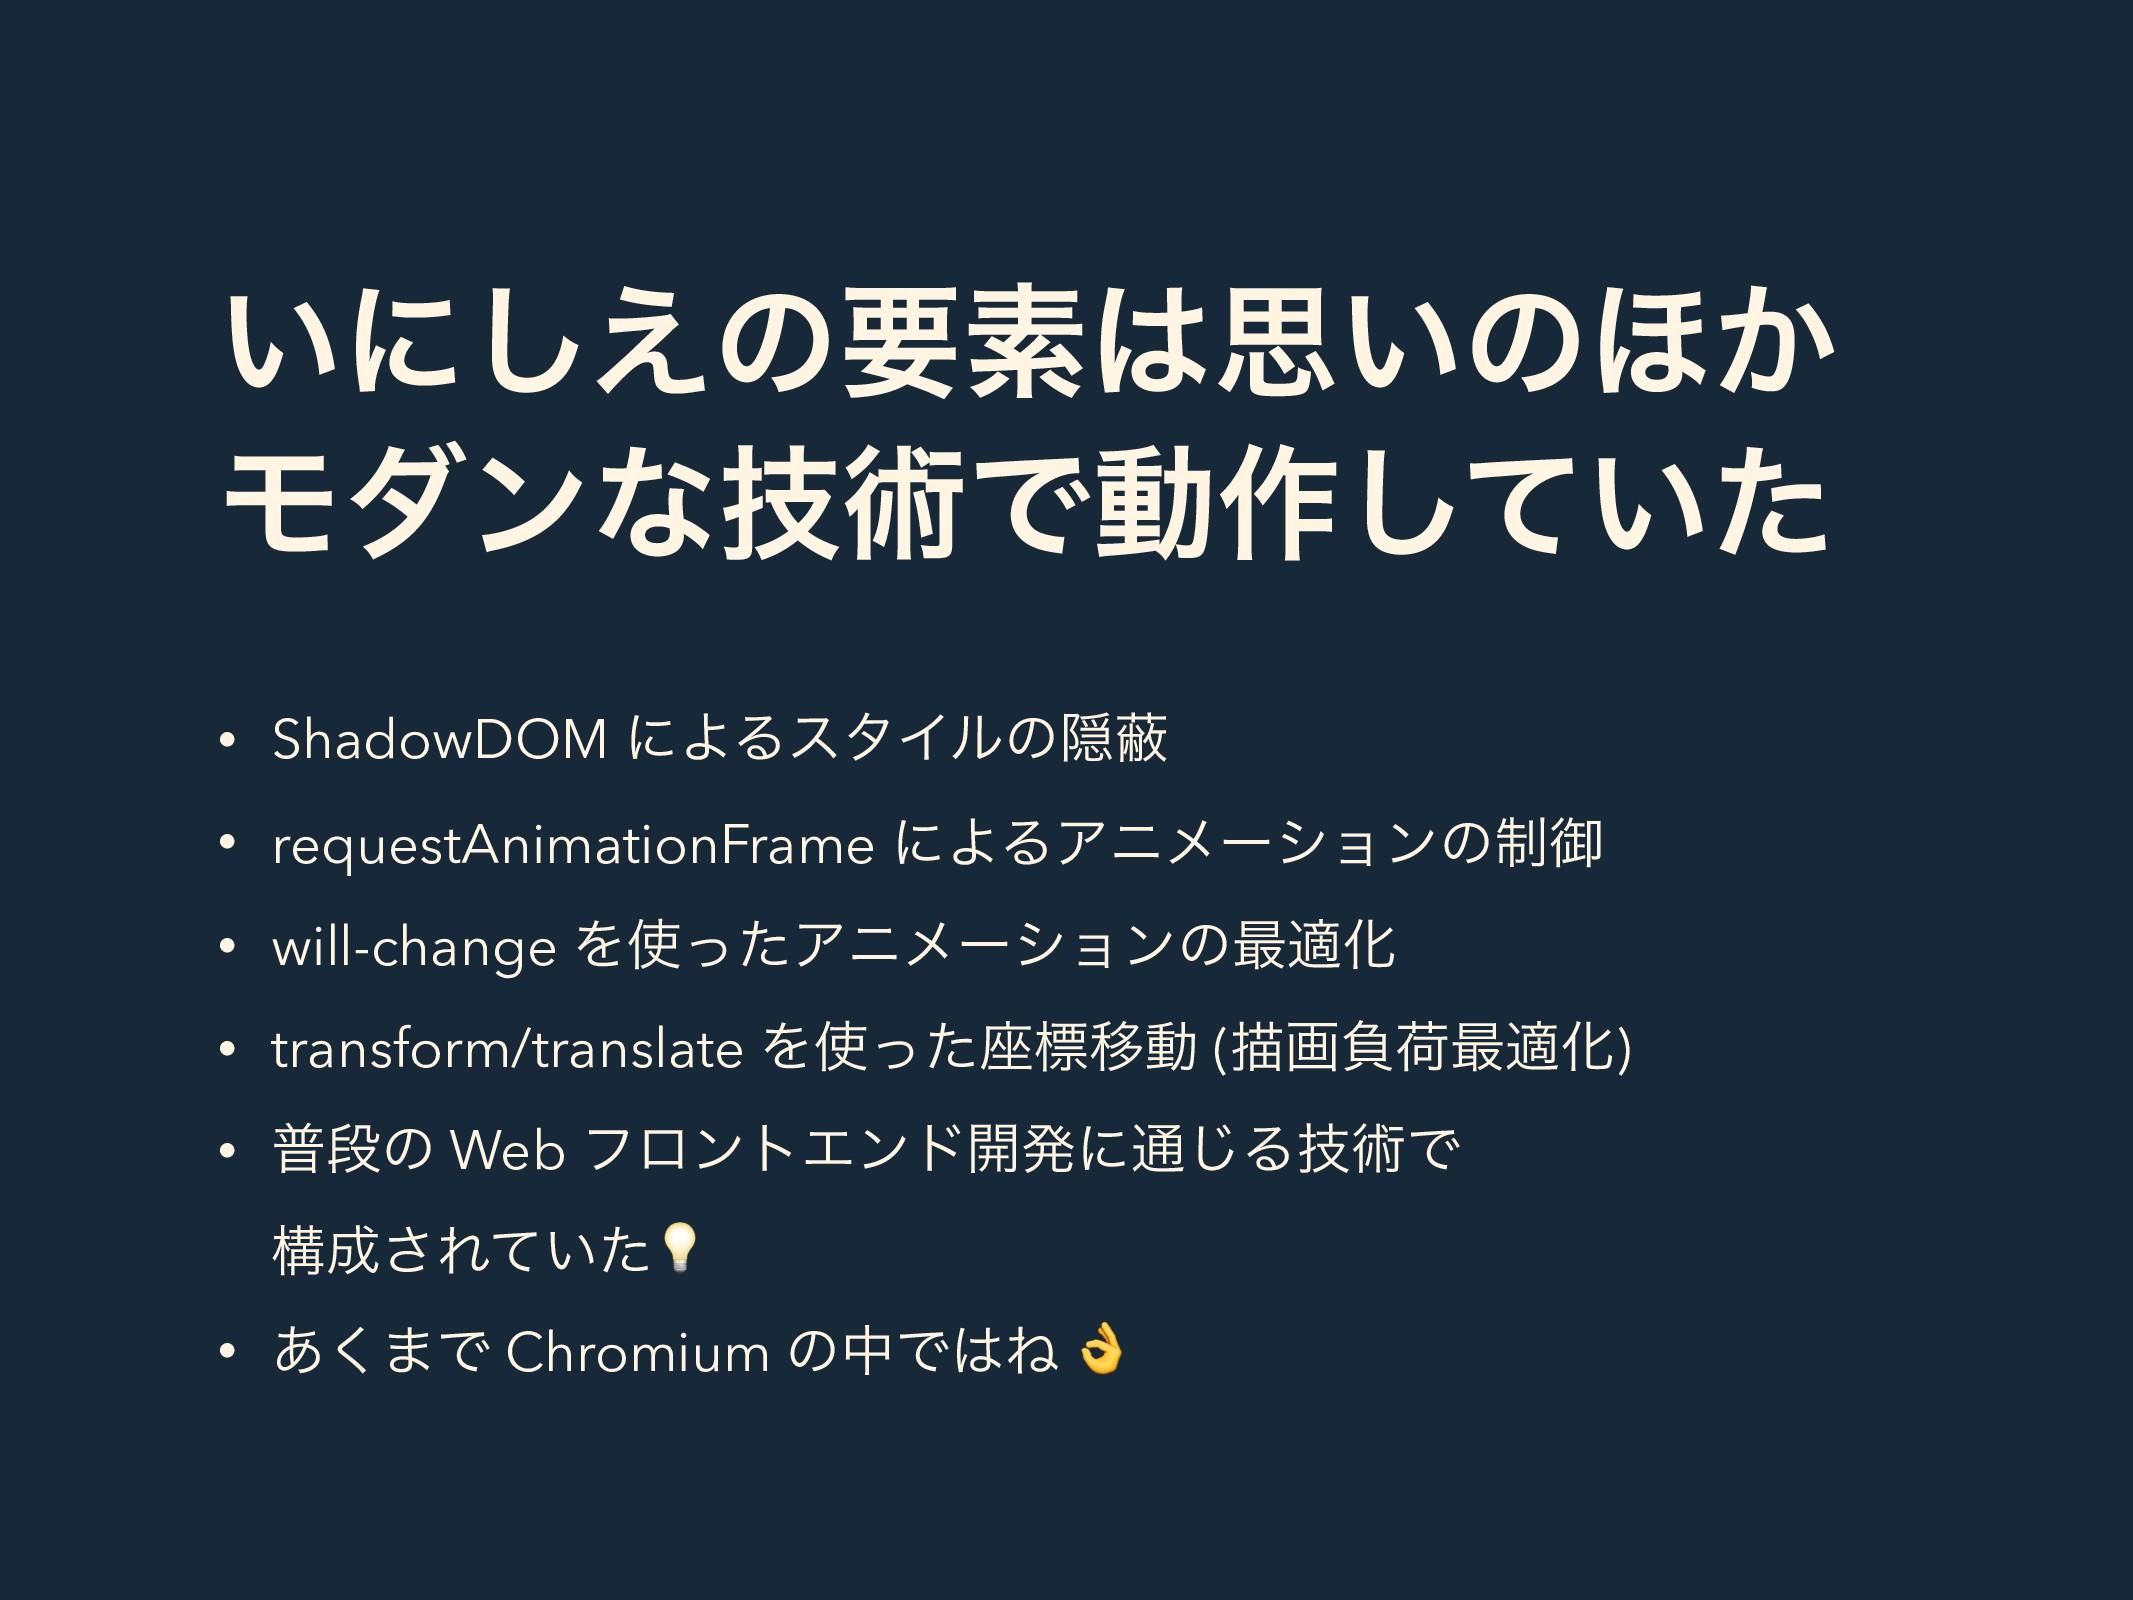 ͍ʹ͑͠ͷཁૉࢥ͍ͷ΄͔ Ϟμϯͳٕज़Ͱಈ࡞͍ͯͨ͠ • ShadowDOM ʹΑΔελΠϧ...